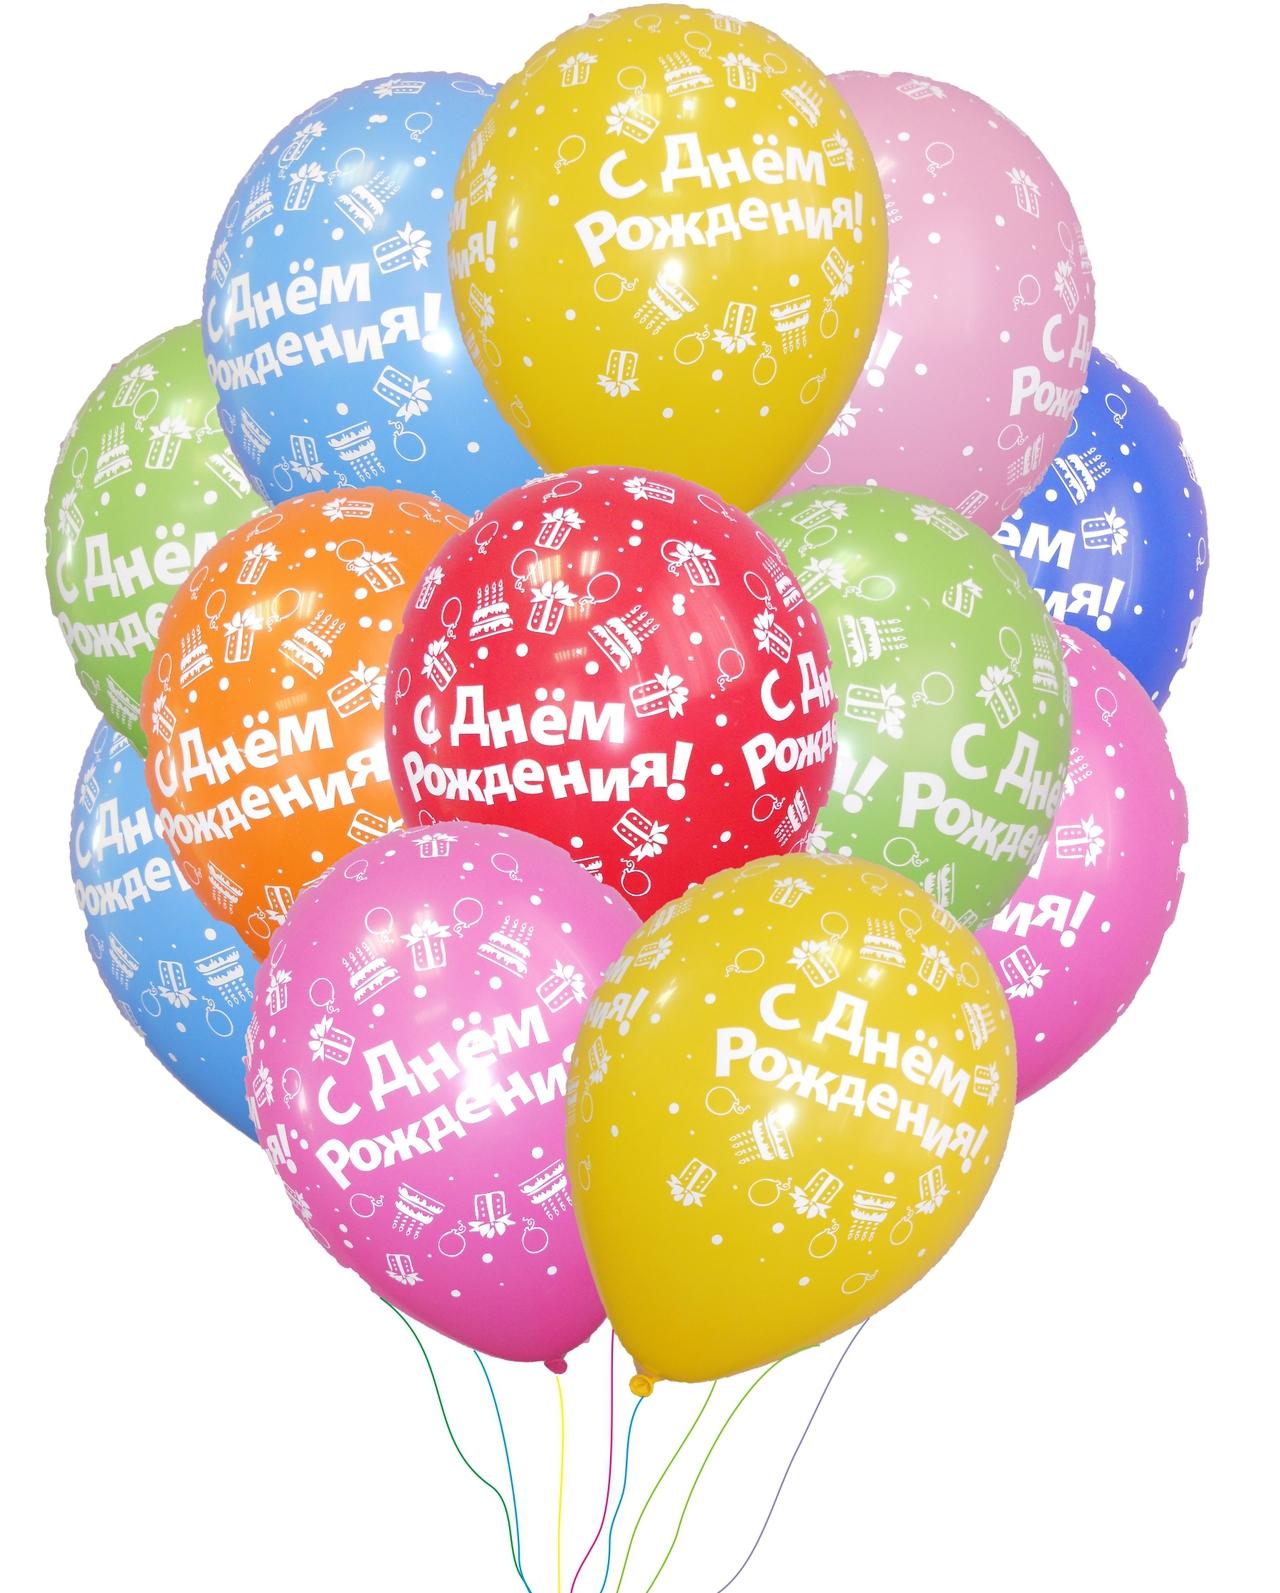 Красивые открытки с днем рождения с шариками